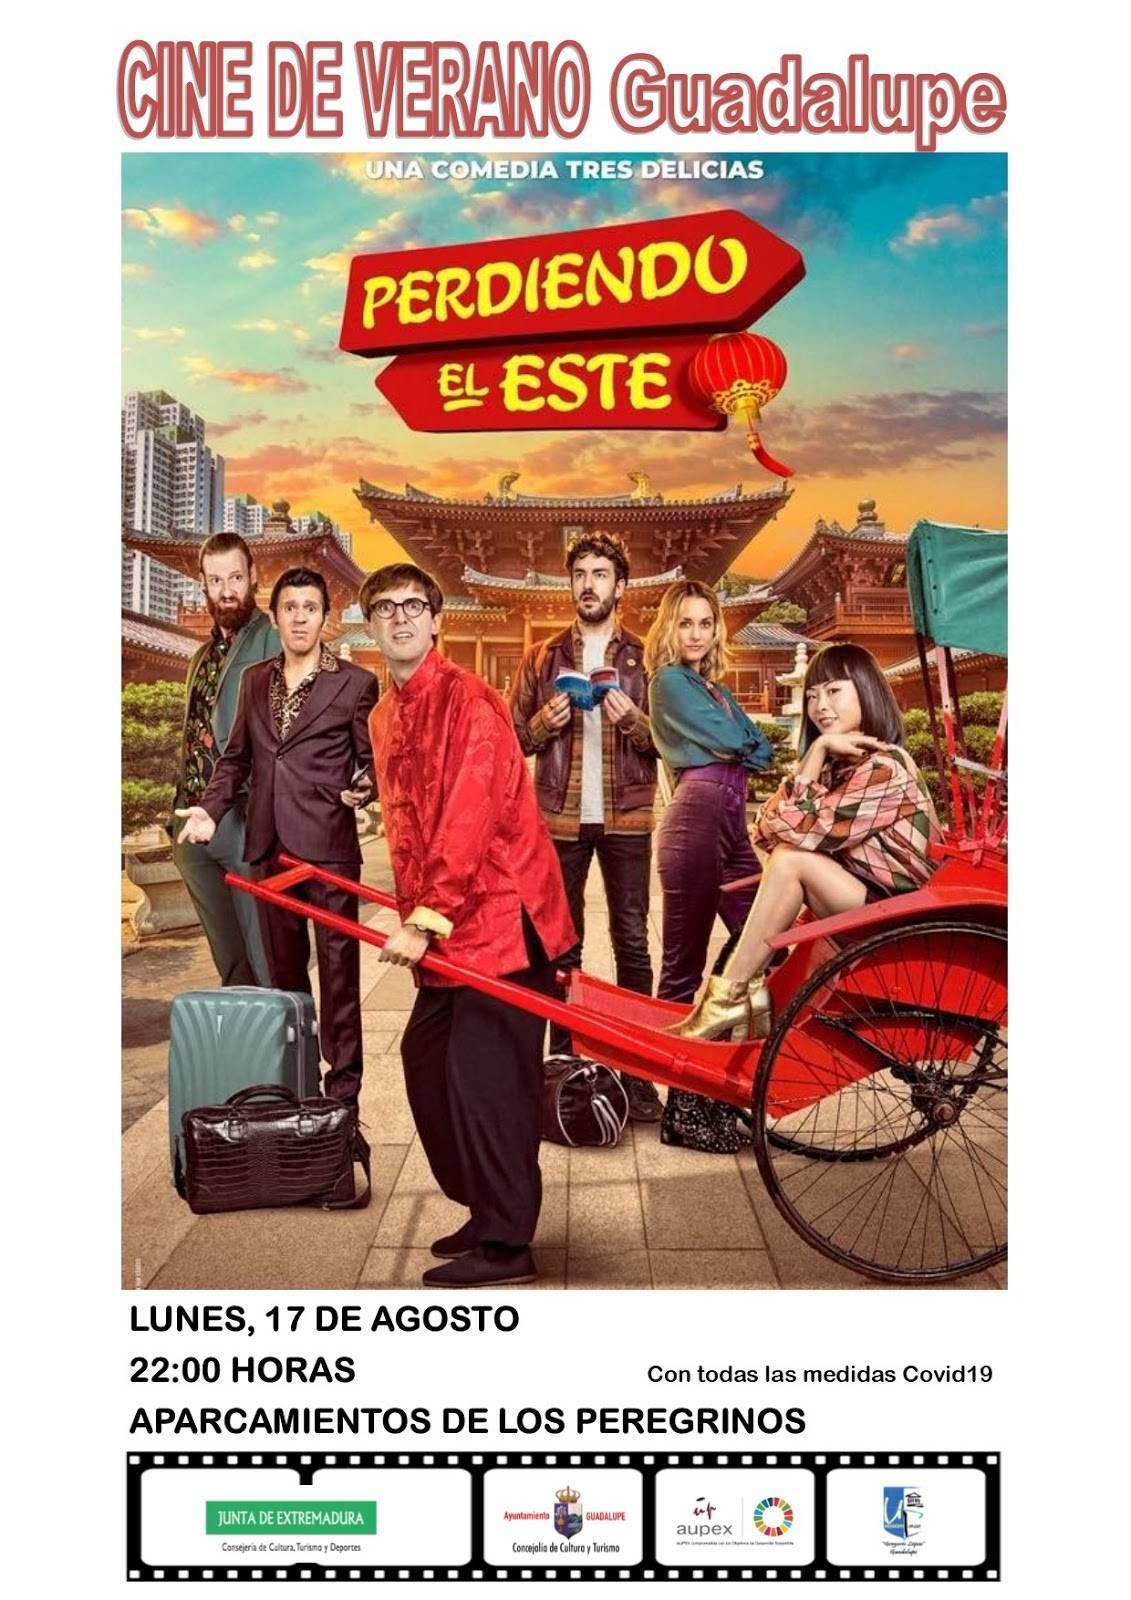 Cine de verano 2020 - Guadalupe (Cáceres) 3